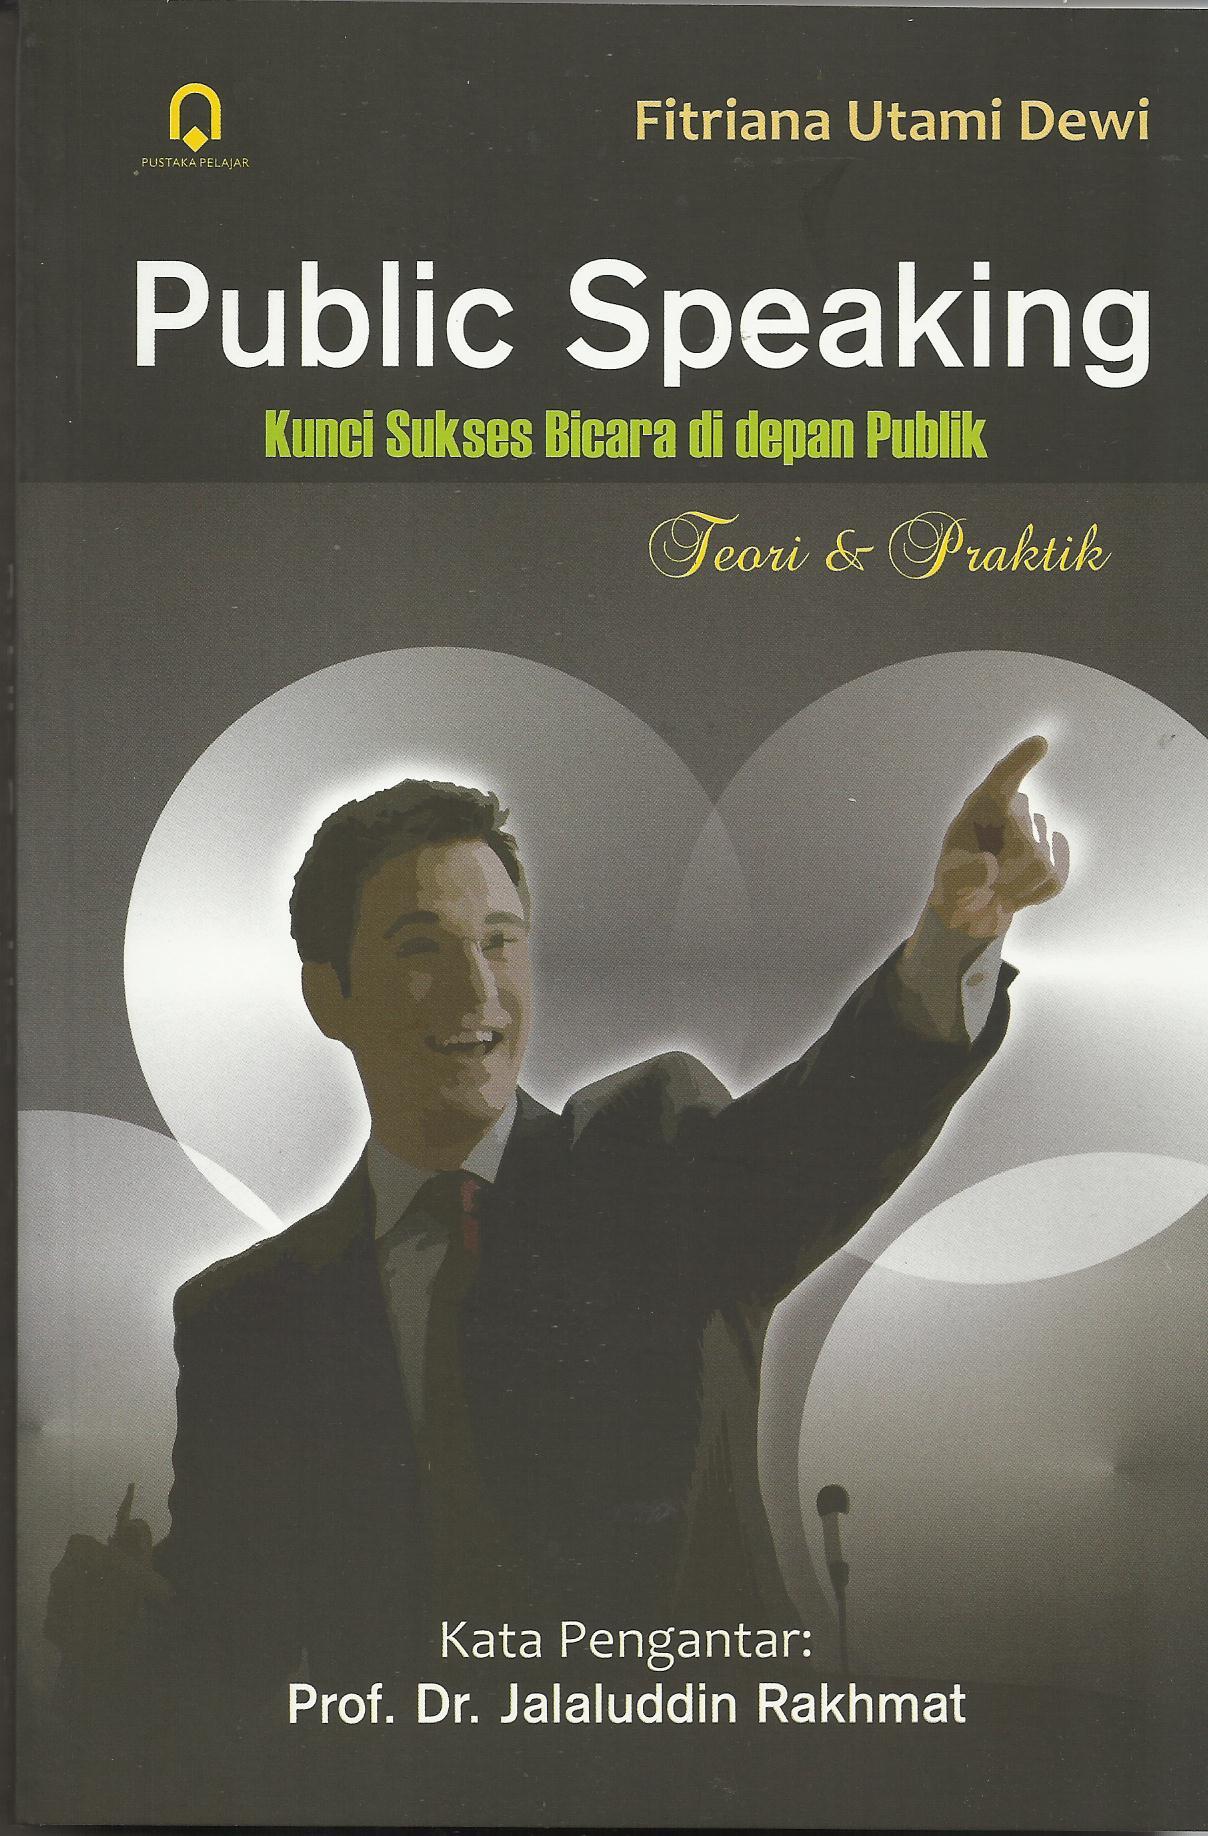 Public Speaking (Kunci Sukses Berbicara Di Depan Publik)